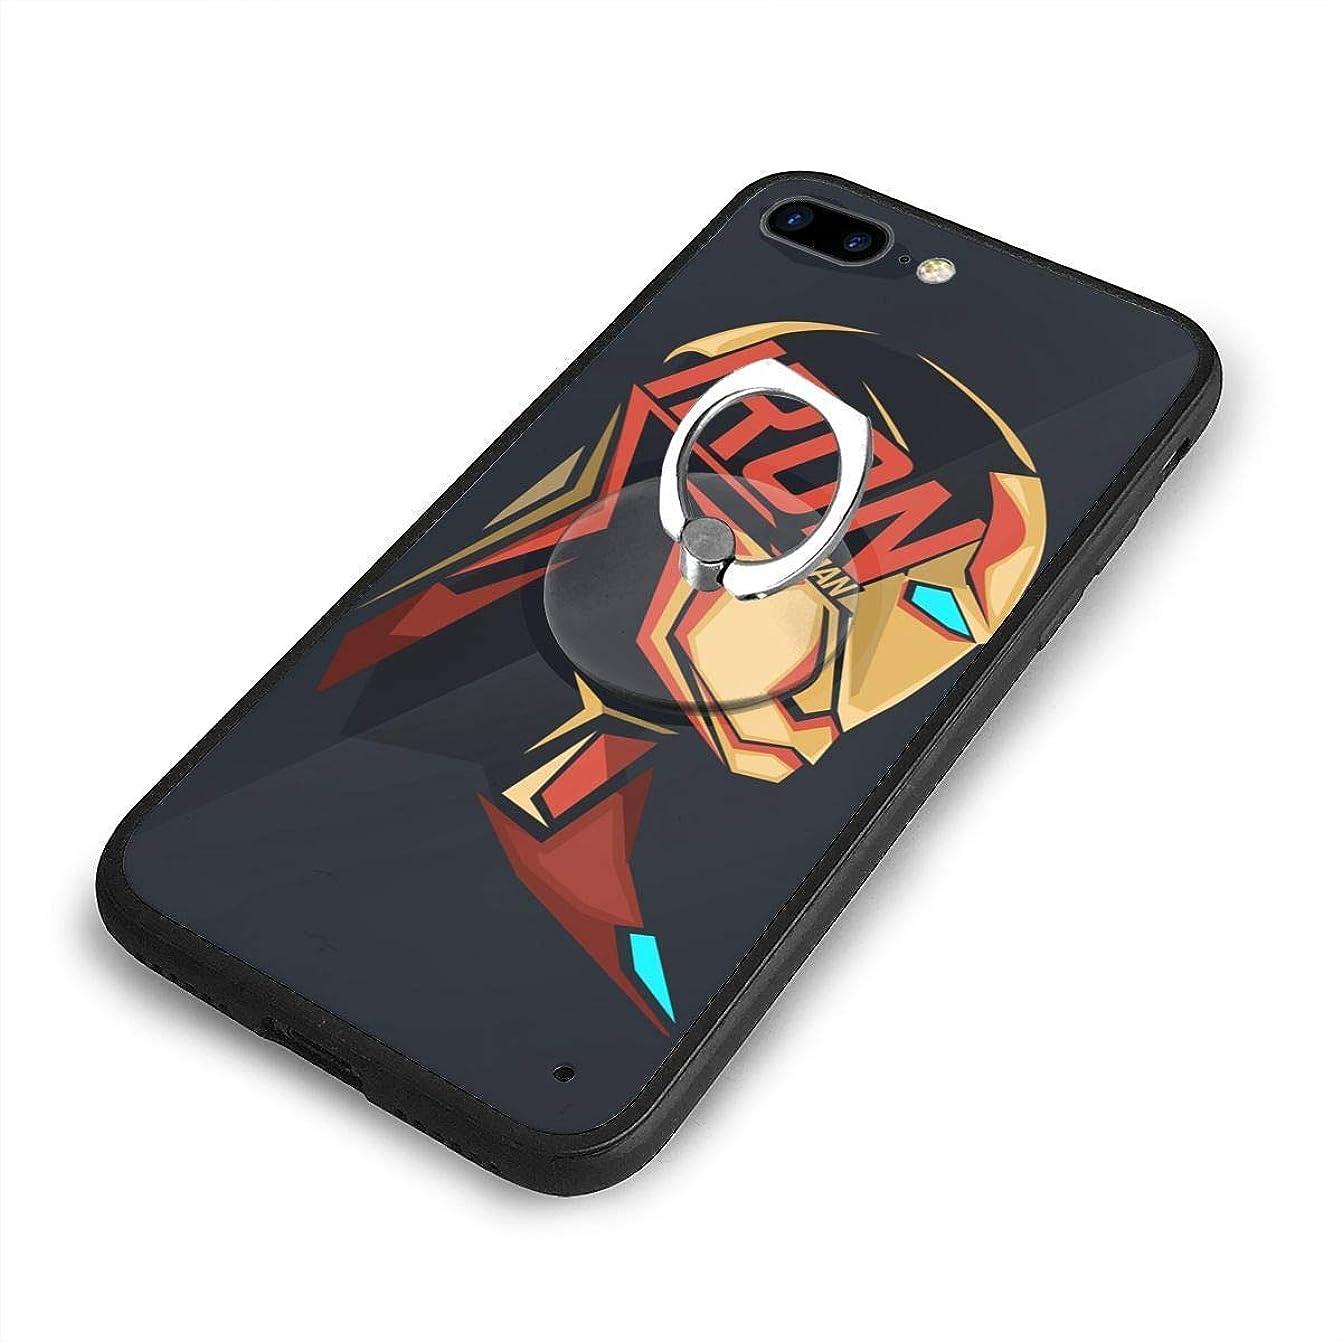 投獄軽量昆虫アイアンマンiPhone 7/8 Plusケースリングブラケット 携帯カバー 創意デザイン軽量 傷つけ防止 360°回転ブラケット 携帯ケース PC 衝撃防止 全面保護